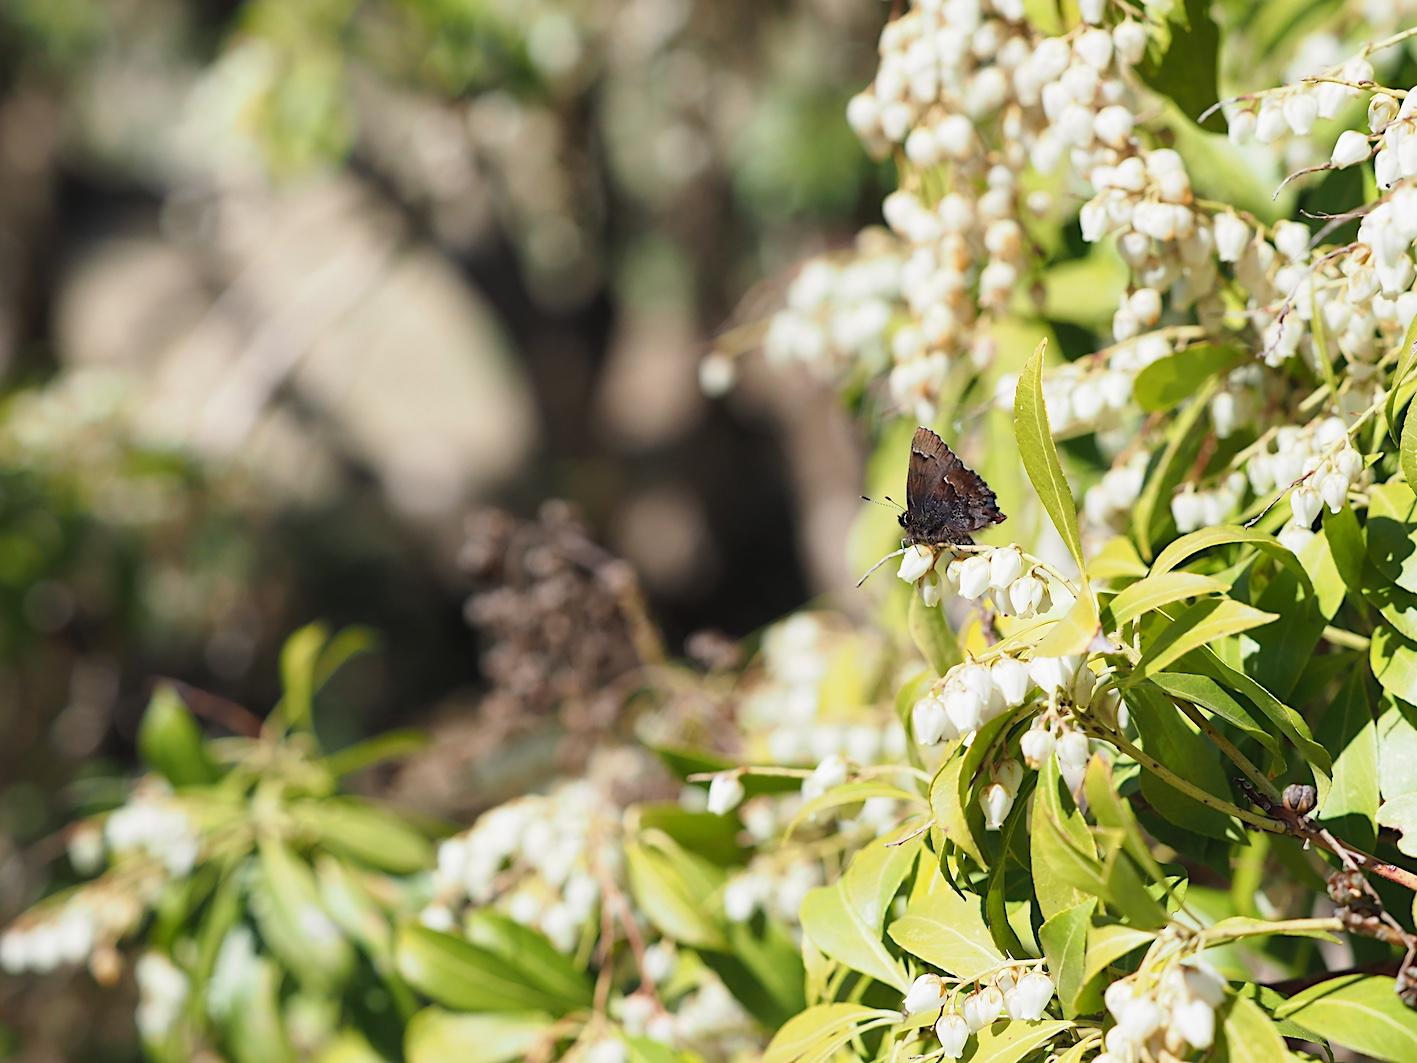 アセビにくる蝶たち、コツバメ(2019年3月27日)_d0303129_14181254.jpg